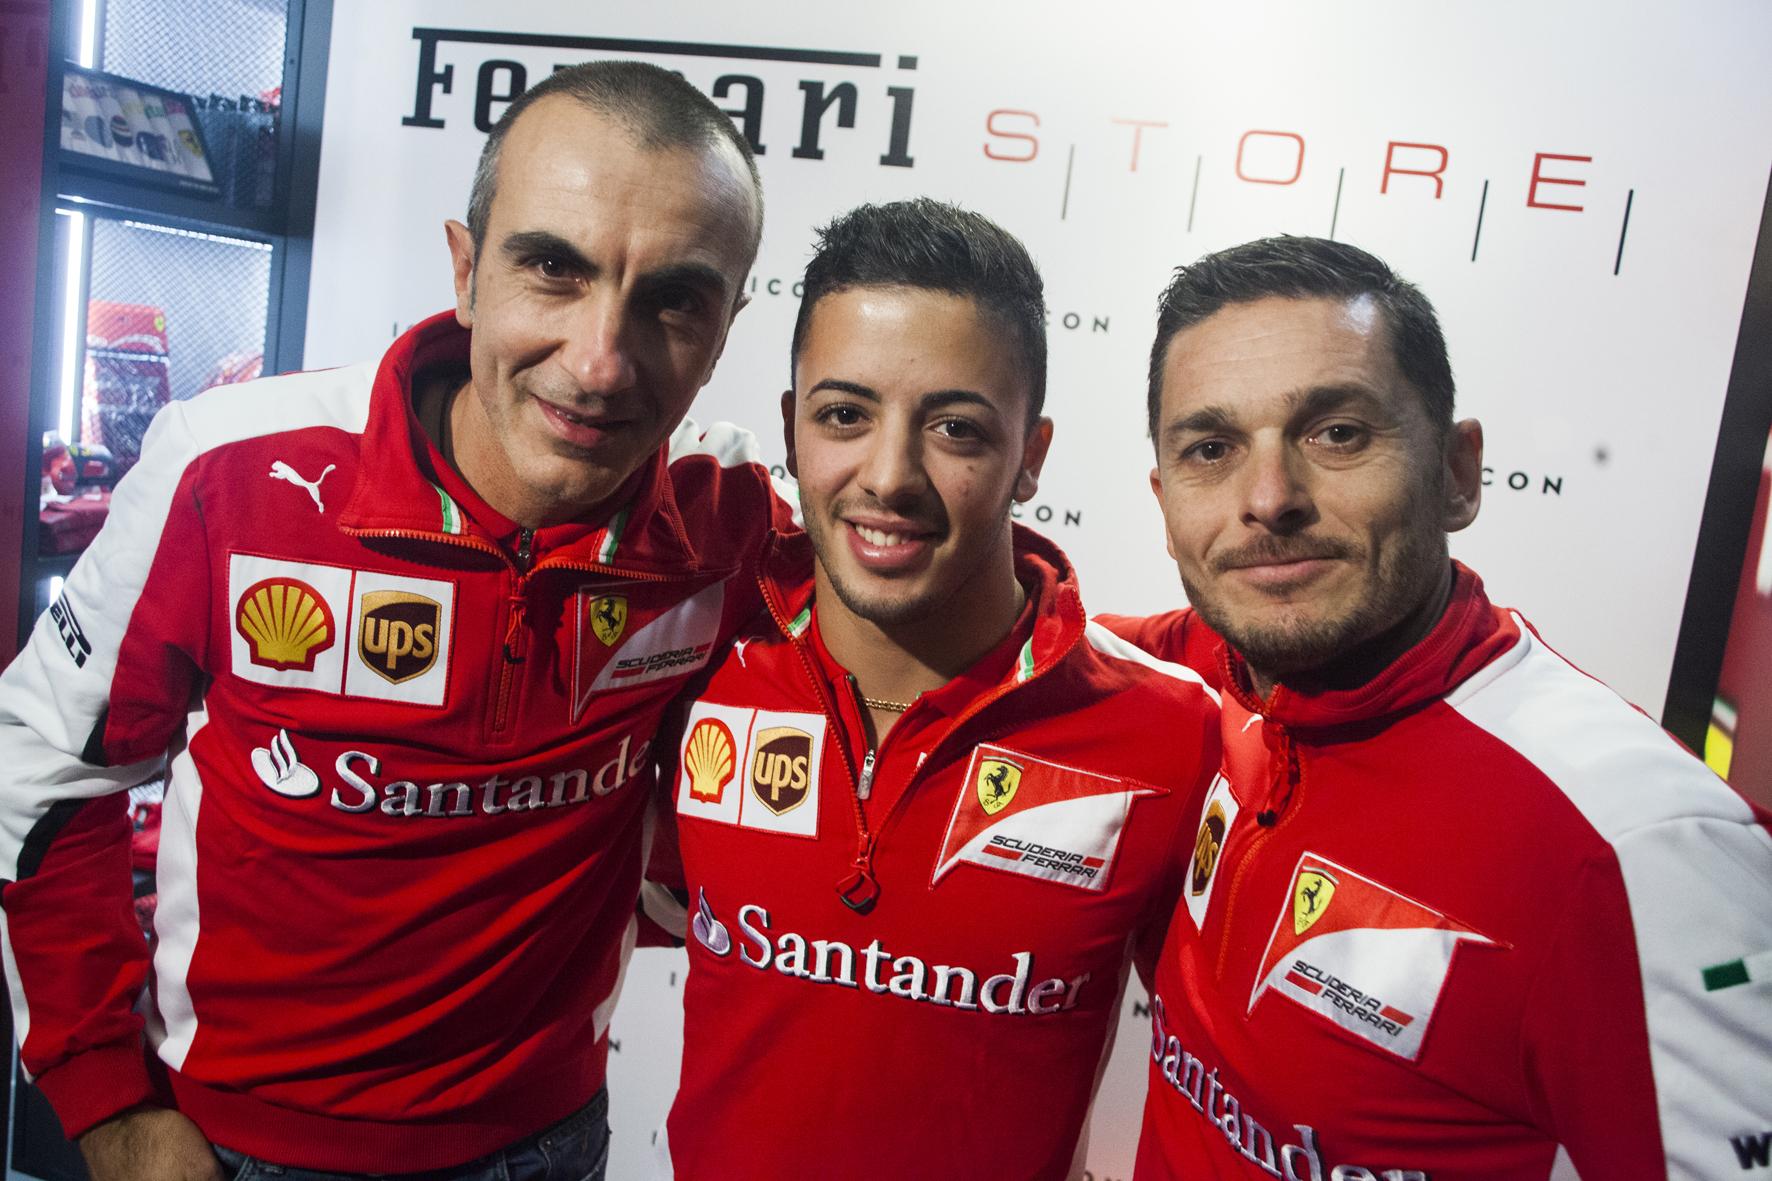 Stile, corse e musica al Ferrari Store Milano